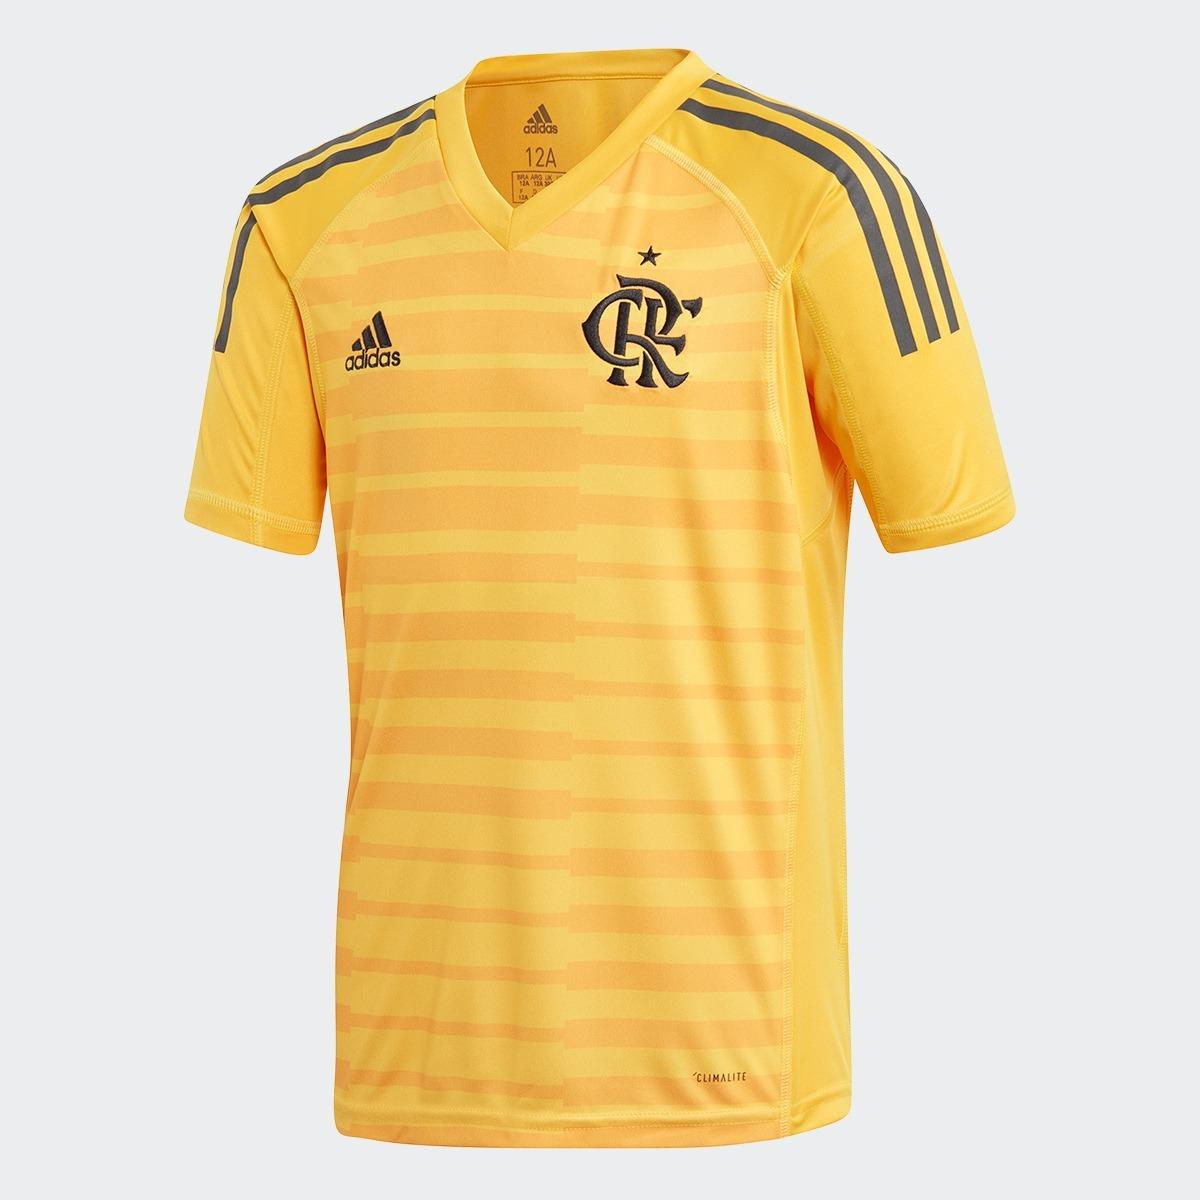 e85180d57f camisa flamengo adidas goleiro amarela 2018 2019 cf3465. Carregando zoom.